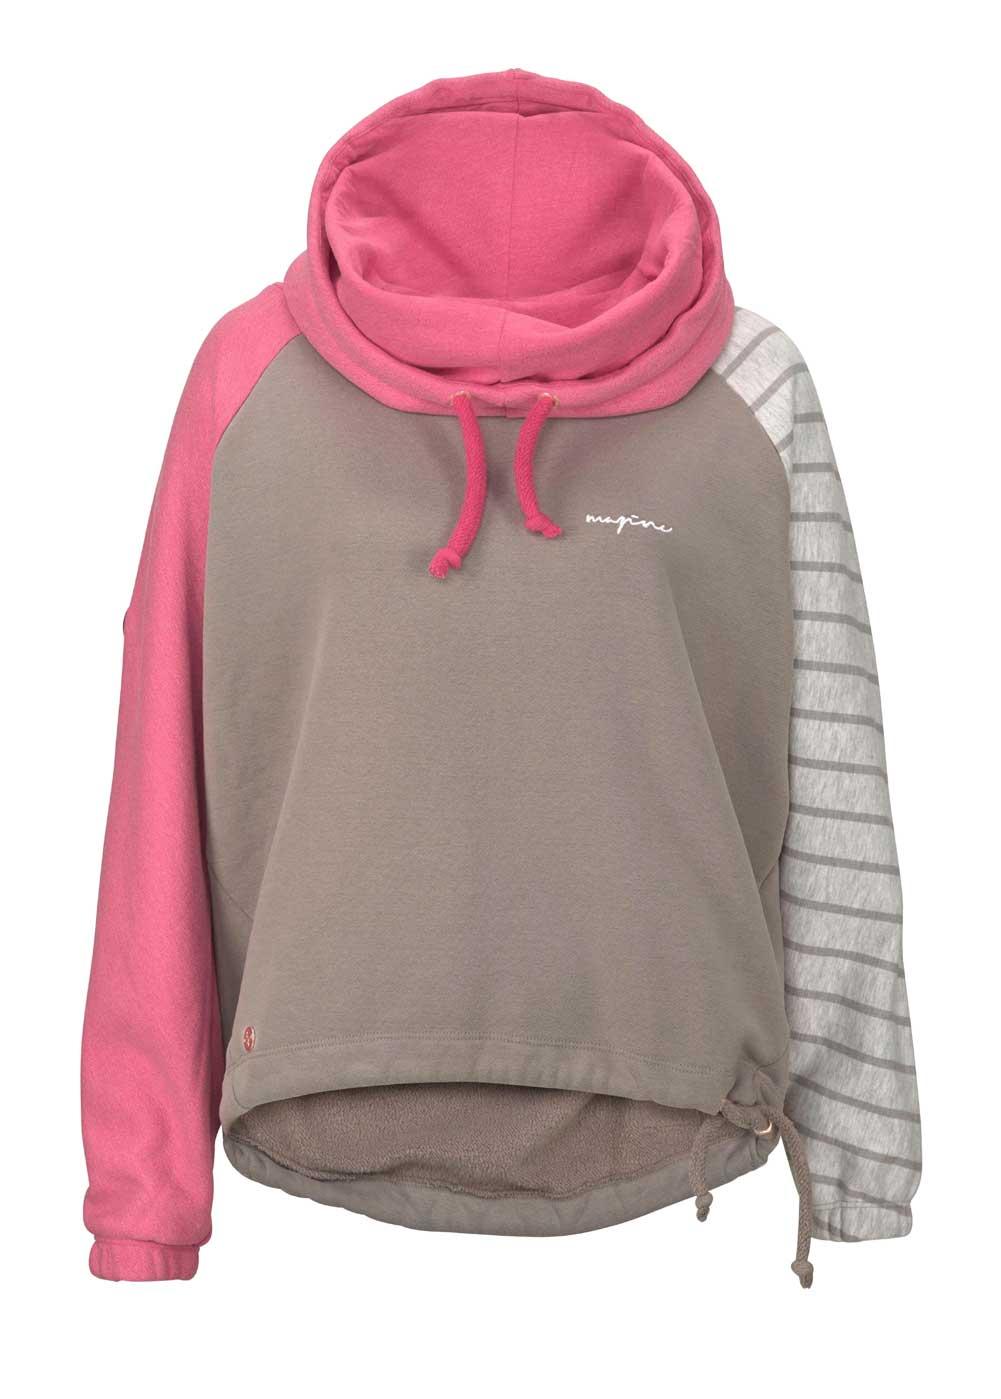 t shirts ohne ärmel Sweatshirt, pink-taupe von Mazine Grösse XS 765.386 Missforty